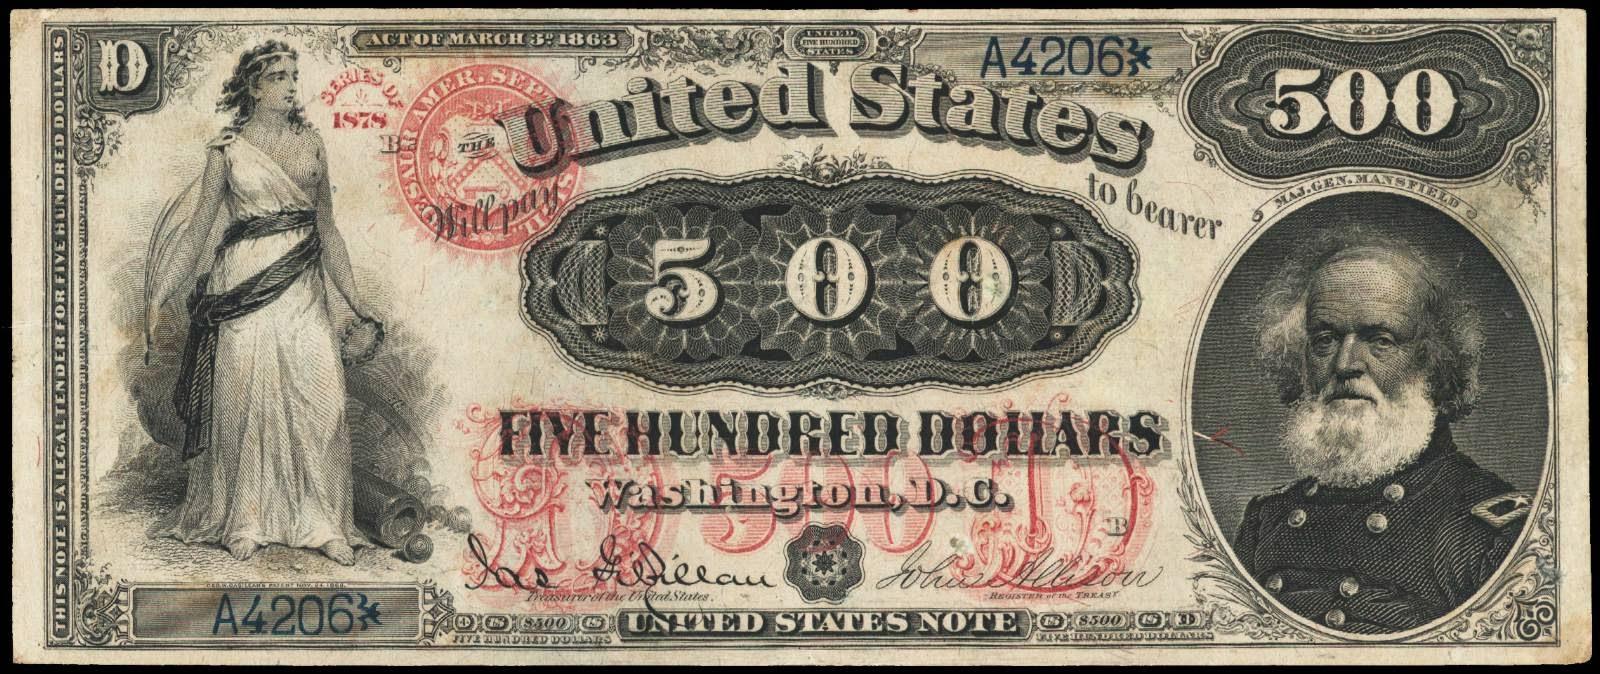 500 Dollar bill note Major General Joseph King Mansfield